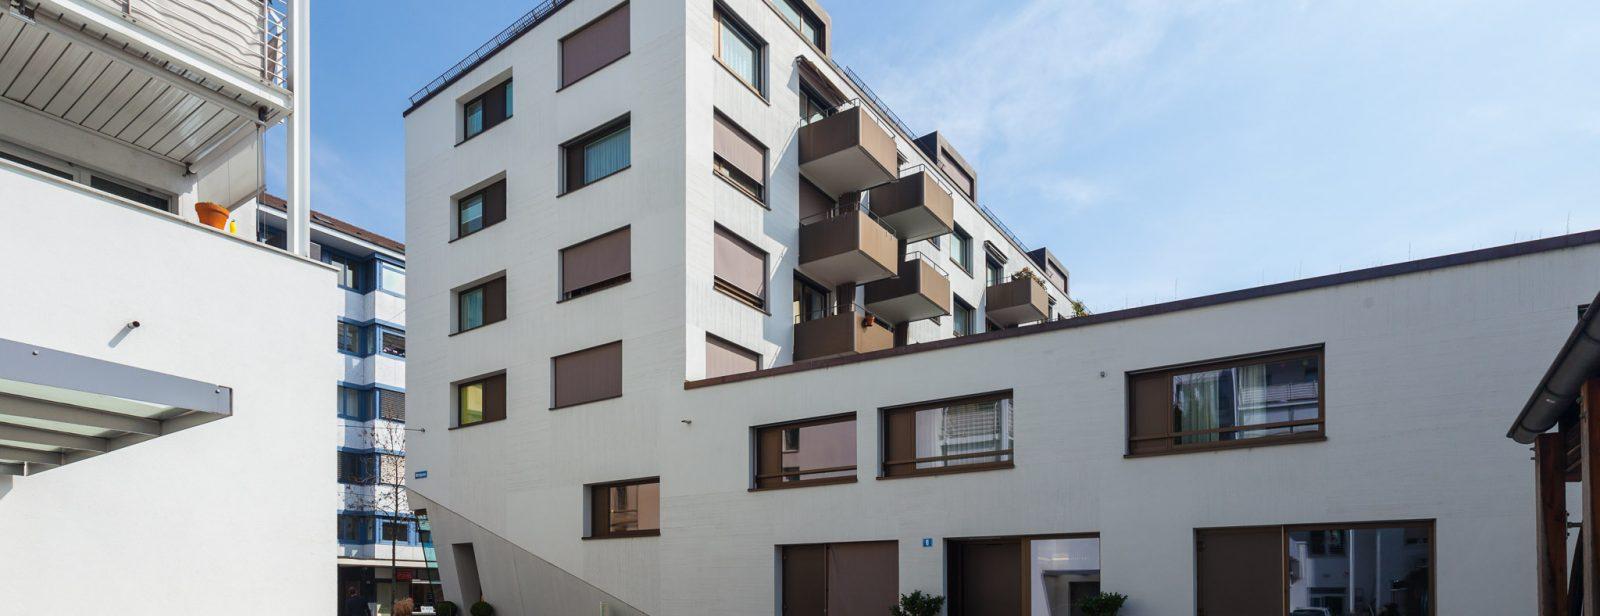 Alterswohnungen Seefeldstrasse 54, Zürich